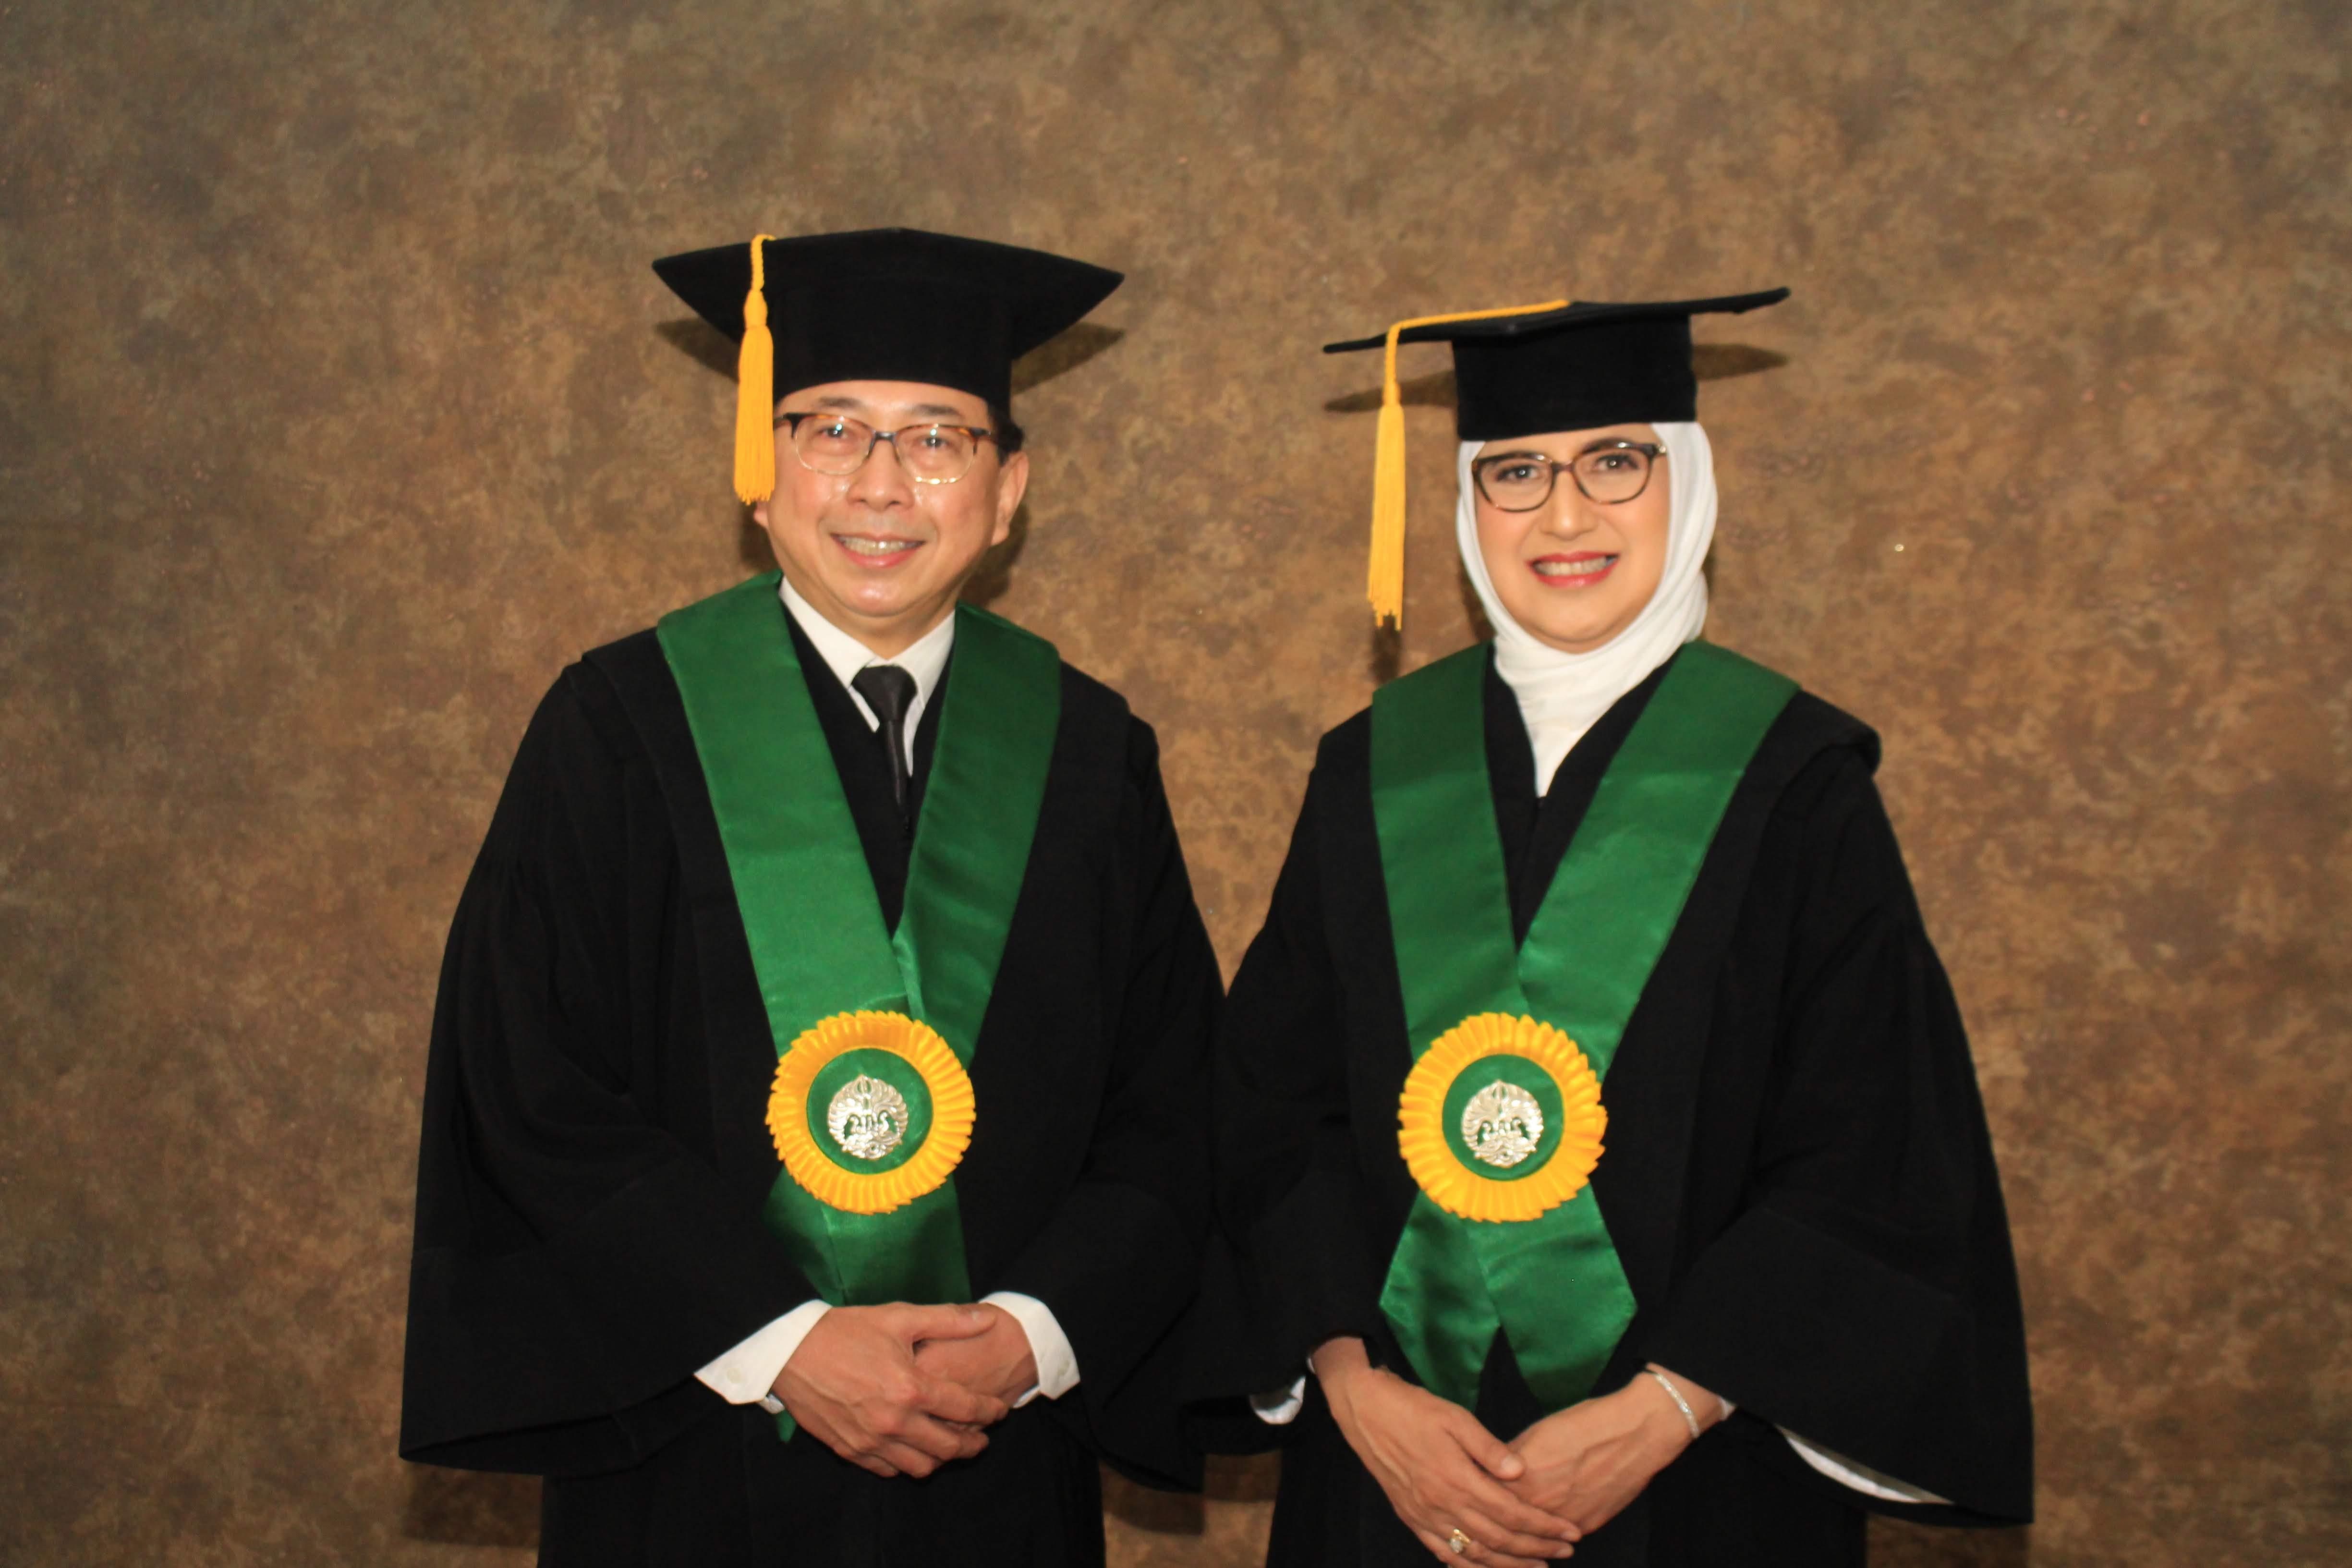 Upacara Pengukuhan Guru Besar Tetap UI Prof. Dr. dr. Rino Alvani Gani, Sp.PD-KGEH dan Prof. Dr. dr. Iris Rengganis, Sp.PD-KAI